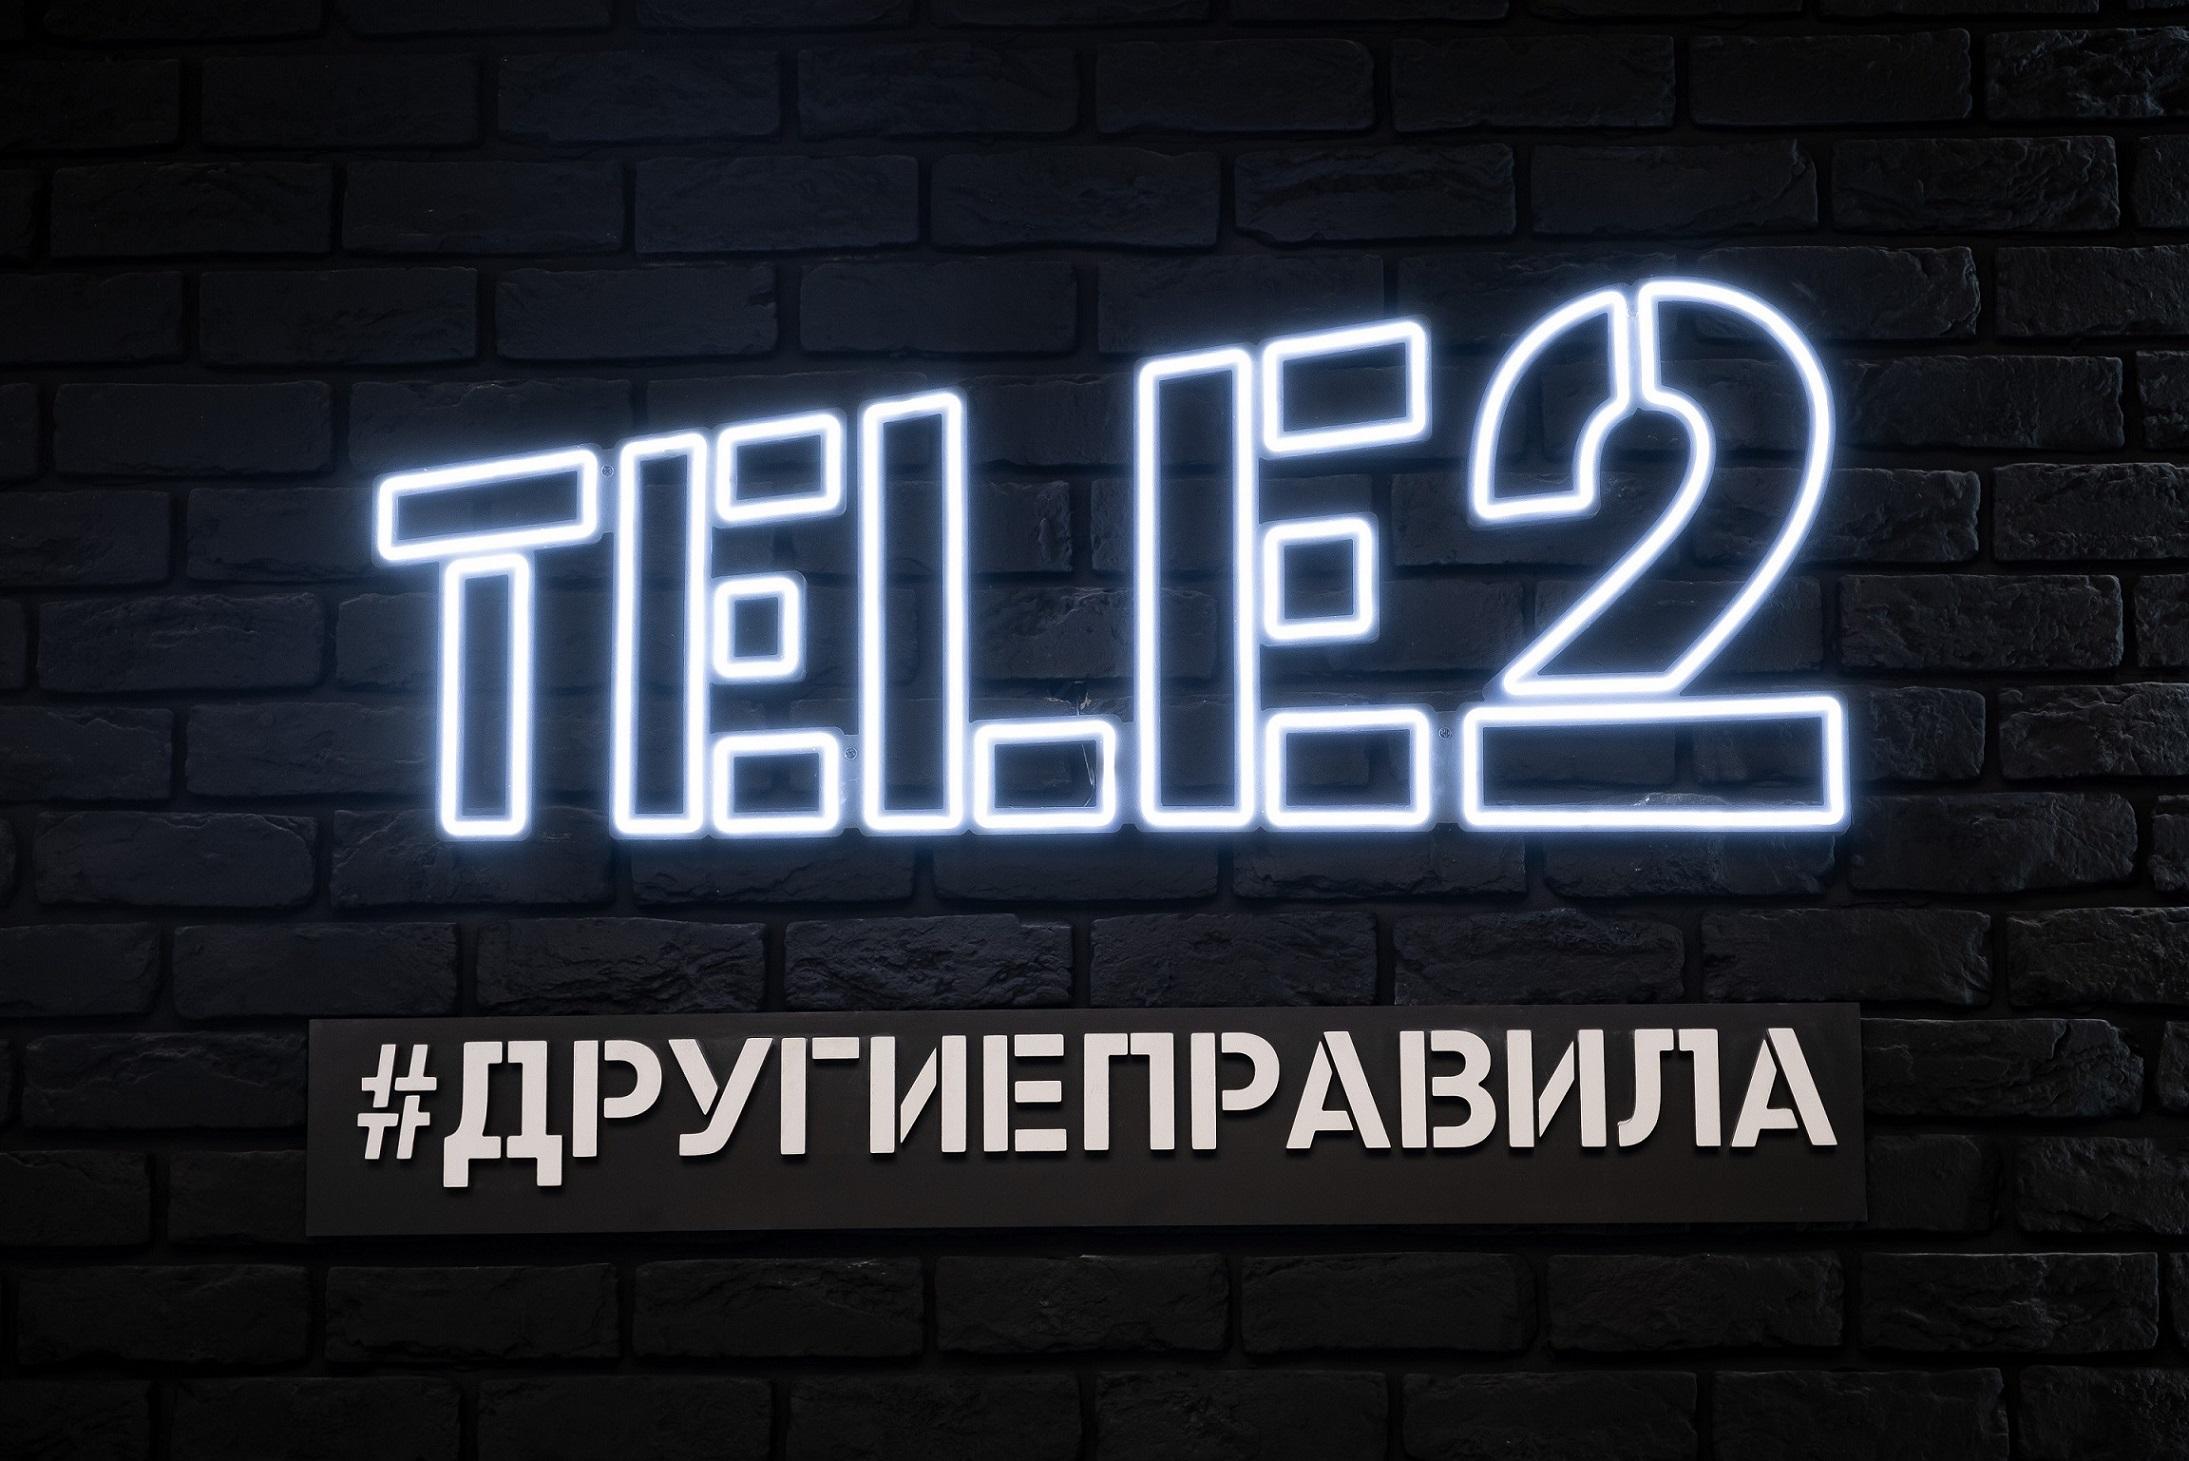 Воронежцам раскроют секреты успешного сотрудничества в рамках лектория Tele2